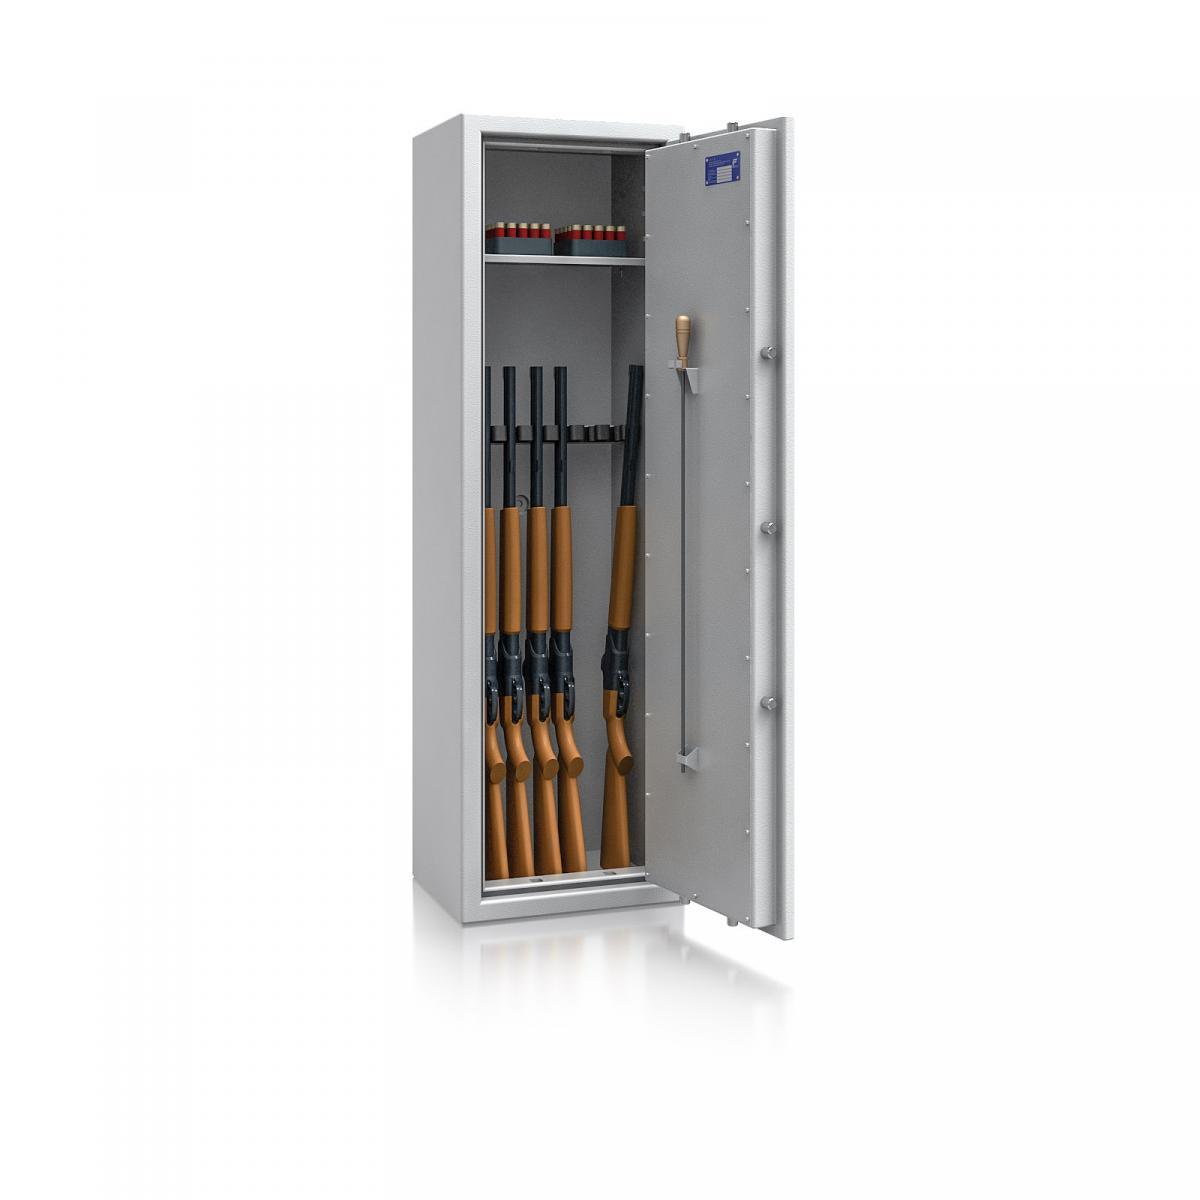 Waffenschrank St. Gallen WF NEW 4 - 1500x450x350 / 150kg 56473 / Klasse I / RAL7035 / Schlüssel / DIN R